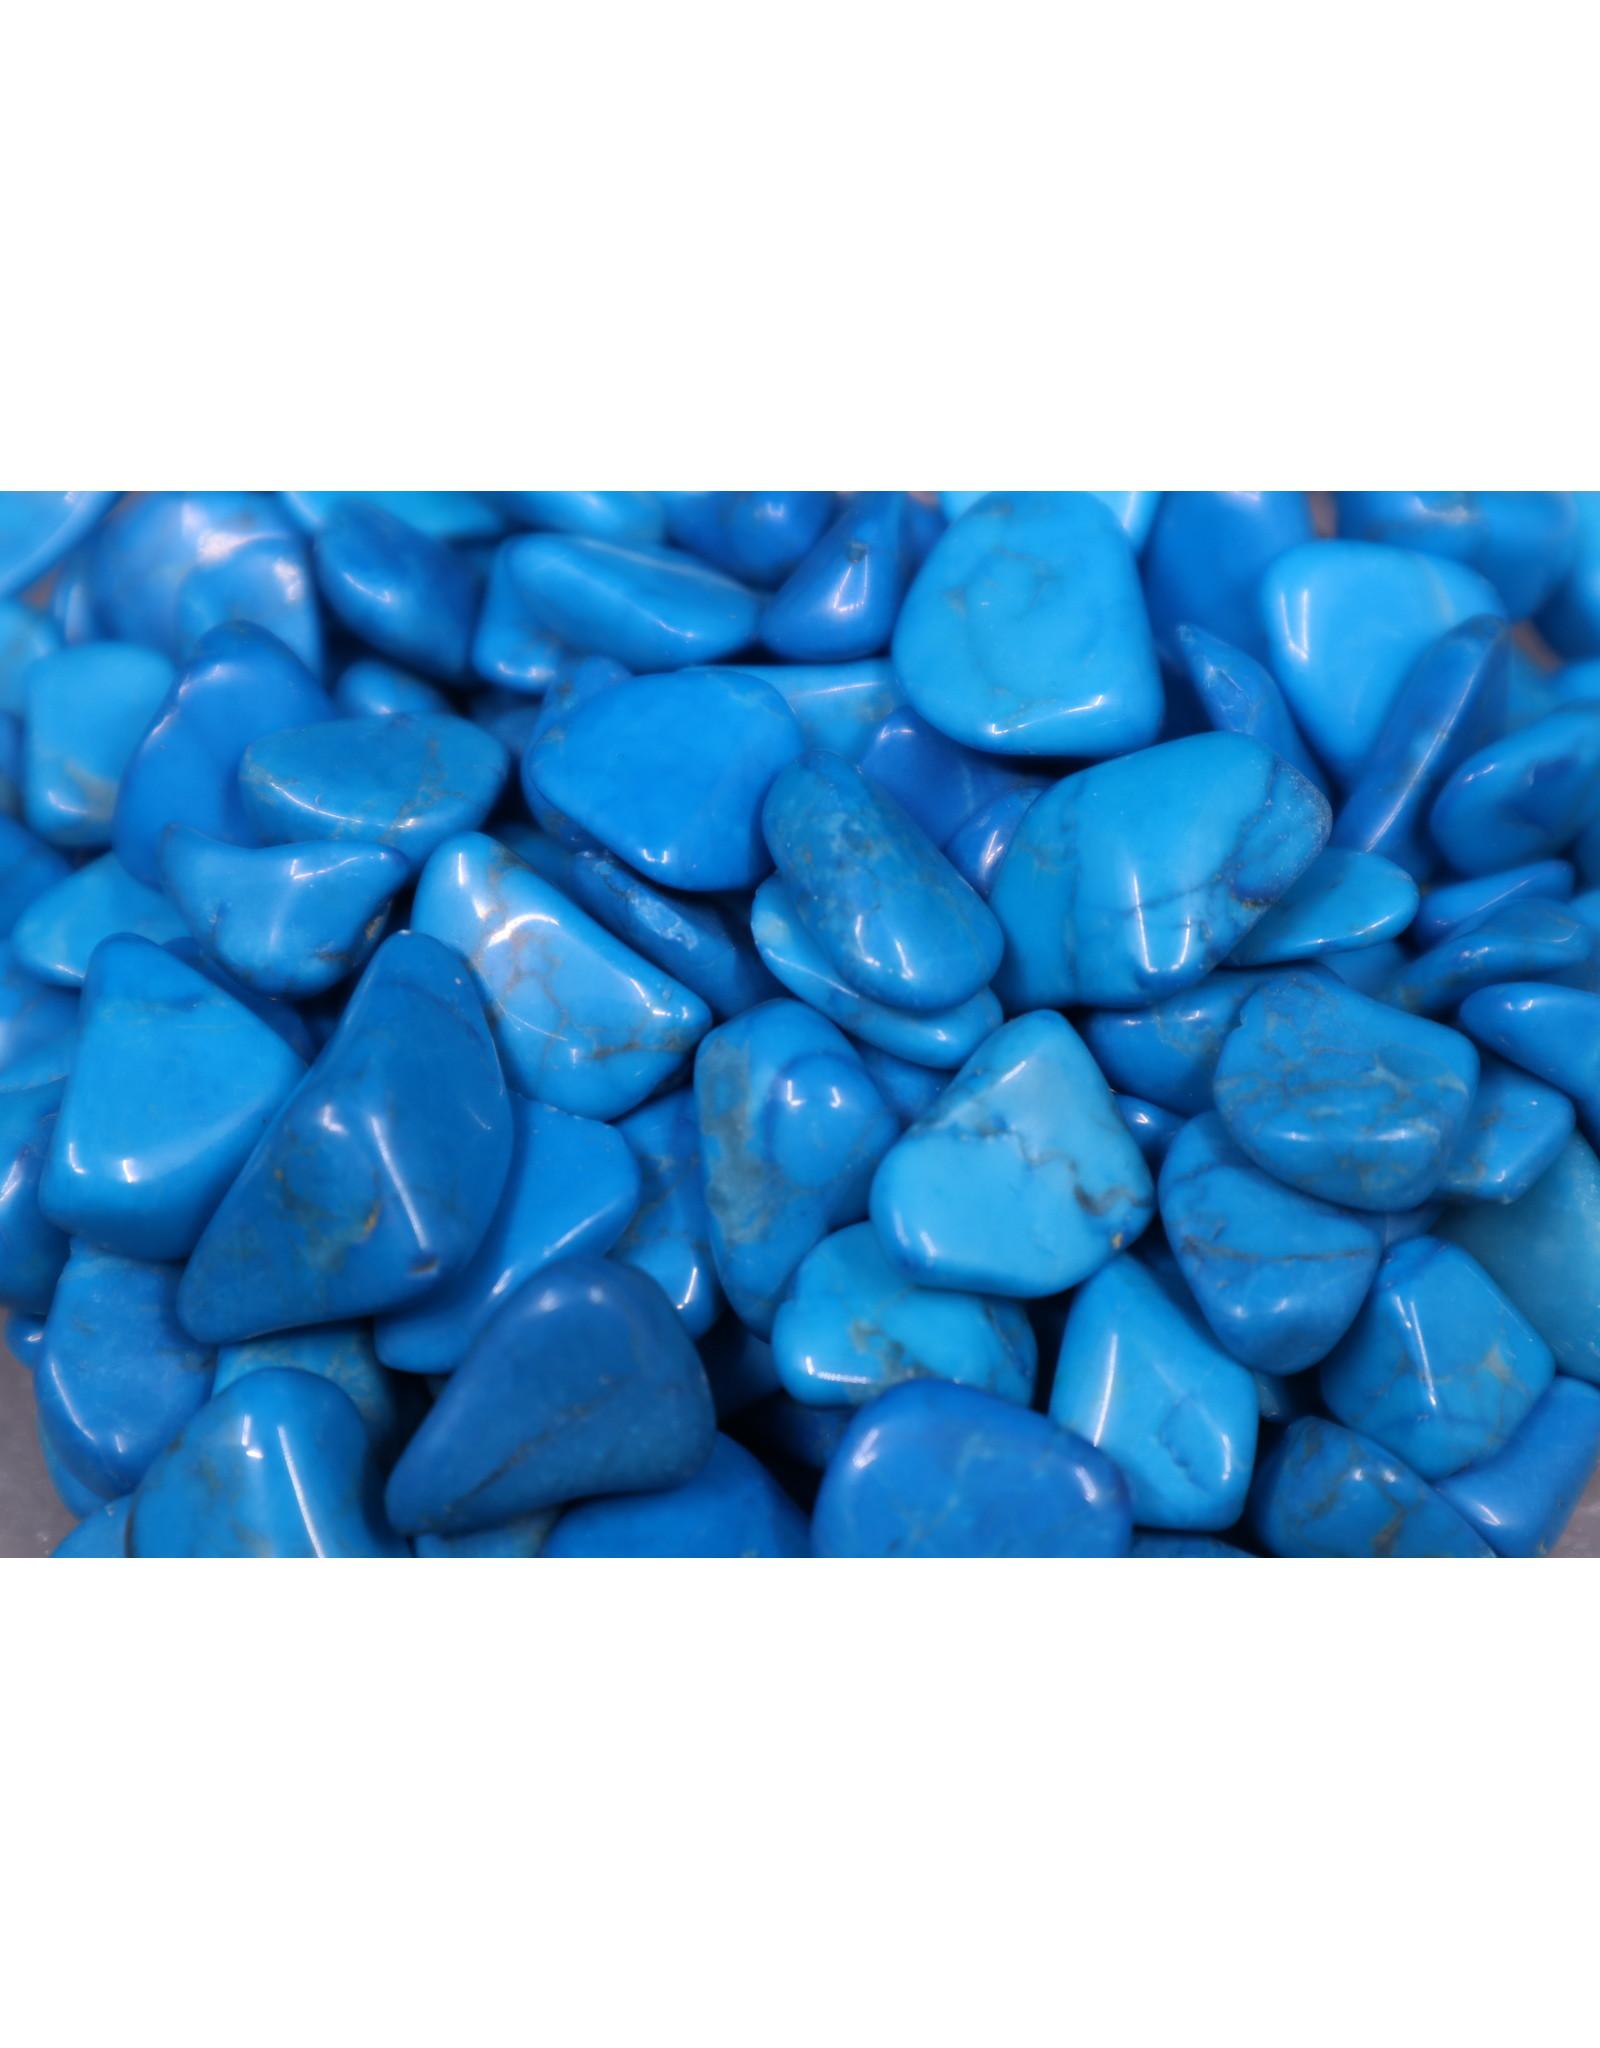 Blue Howlite - Tumbled